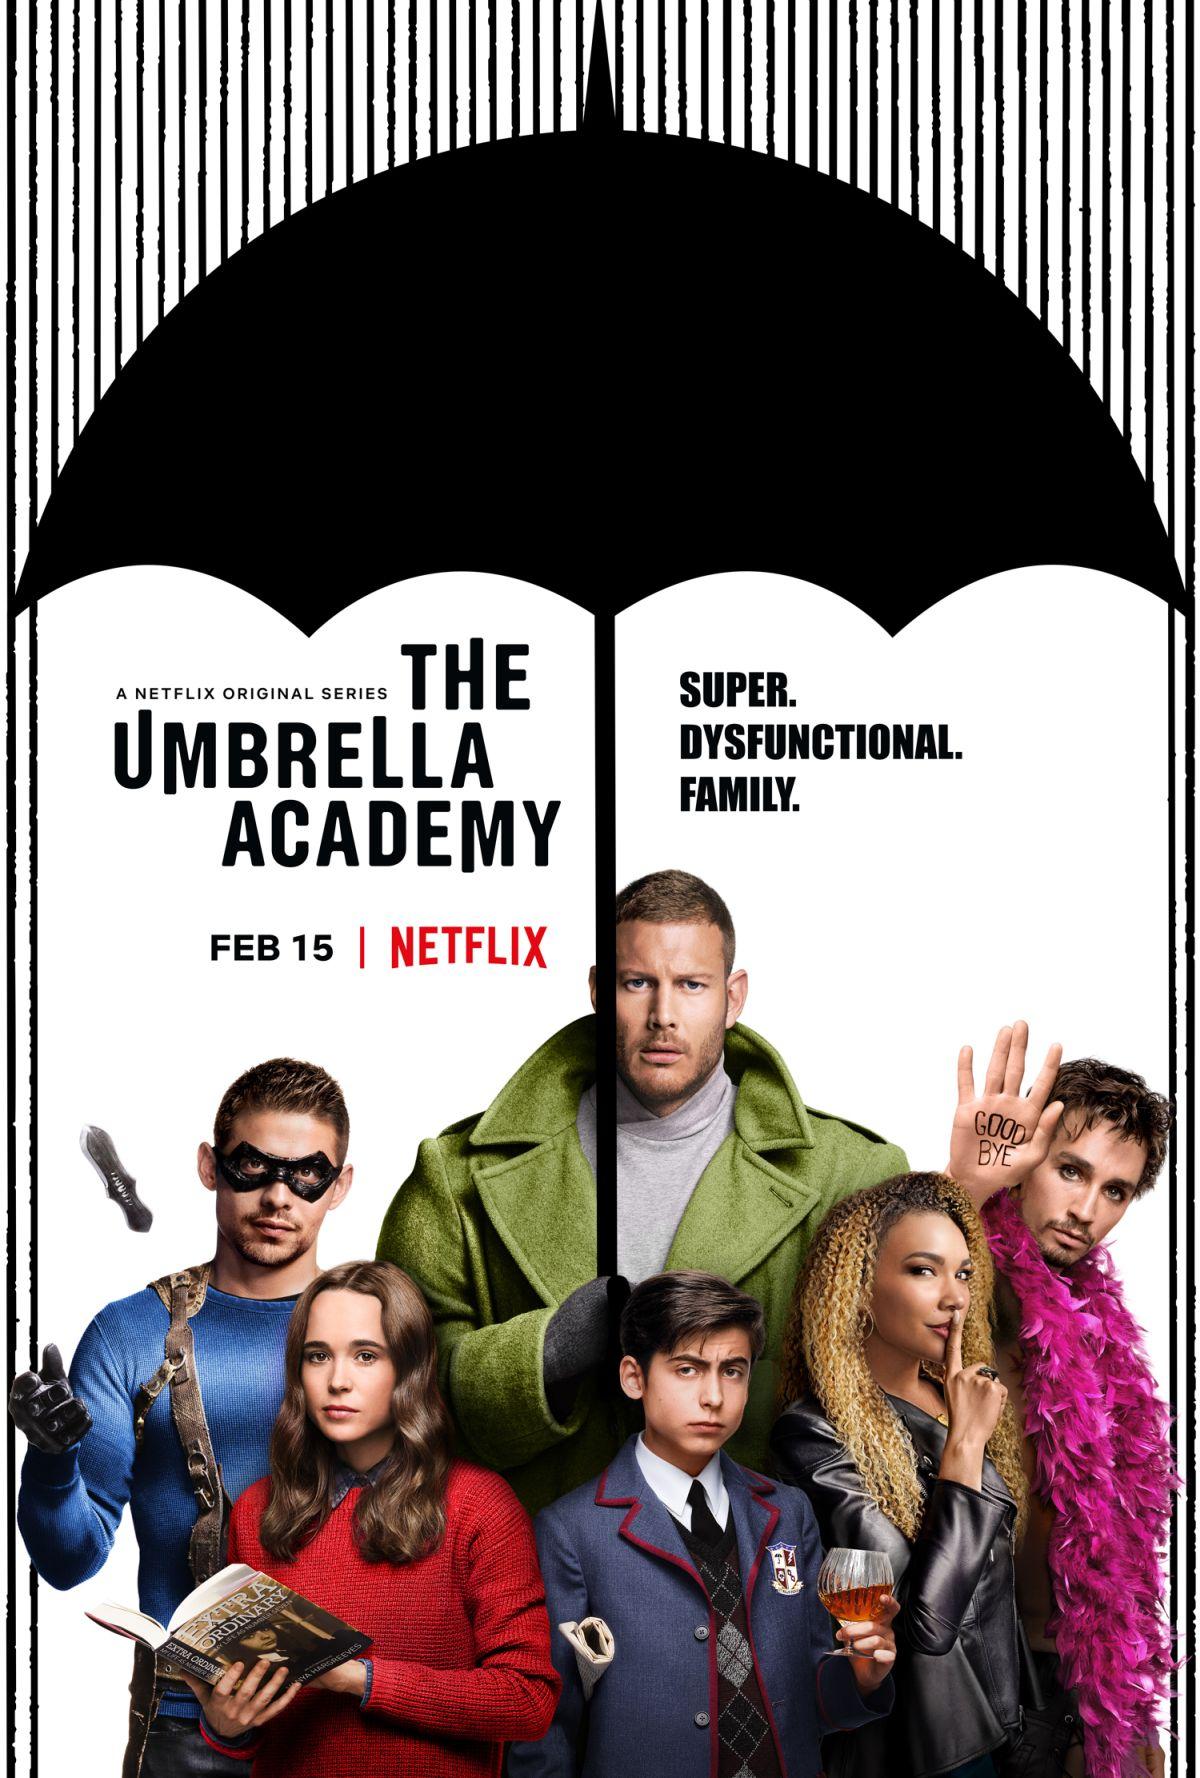 015839-umbrellaacademy_11.jpg